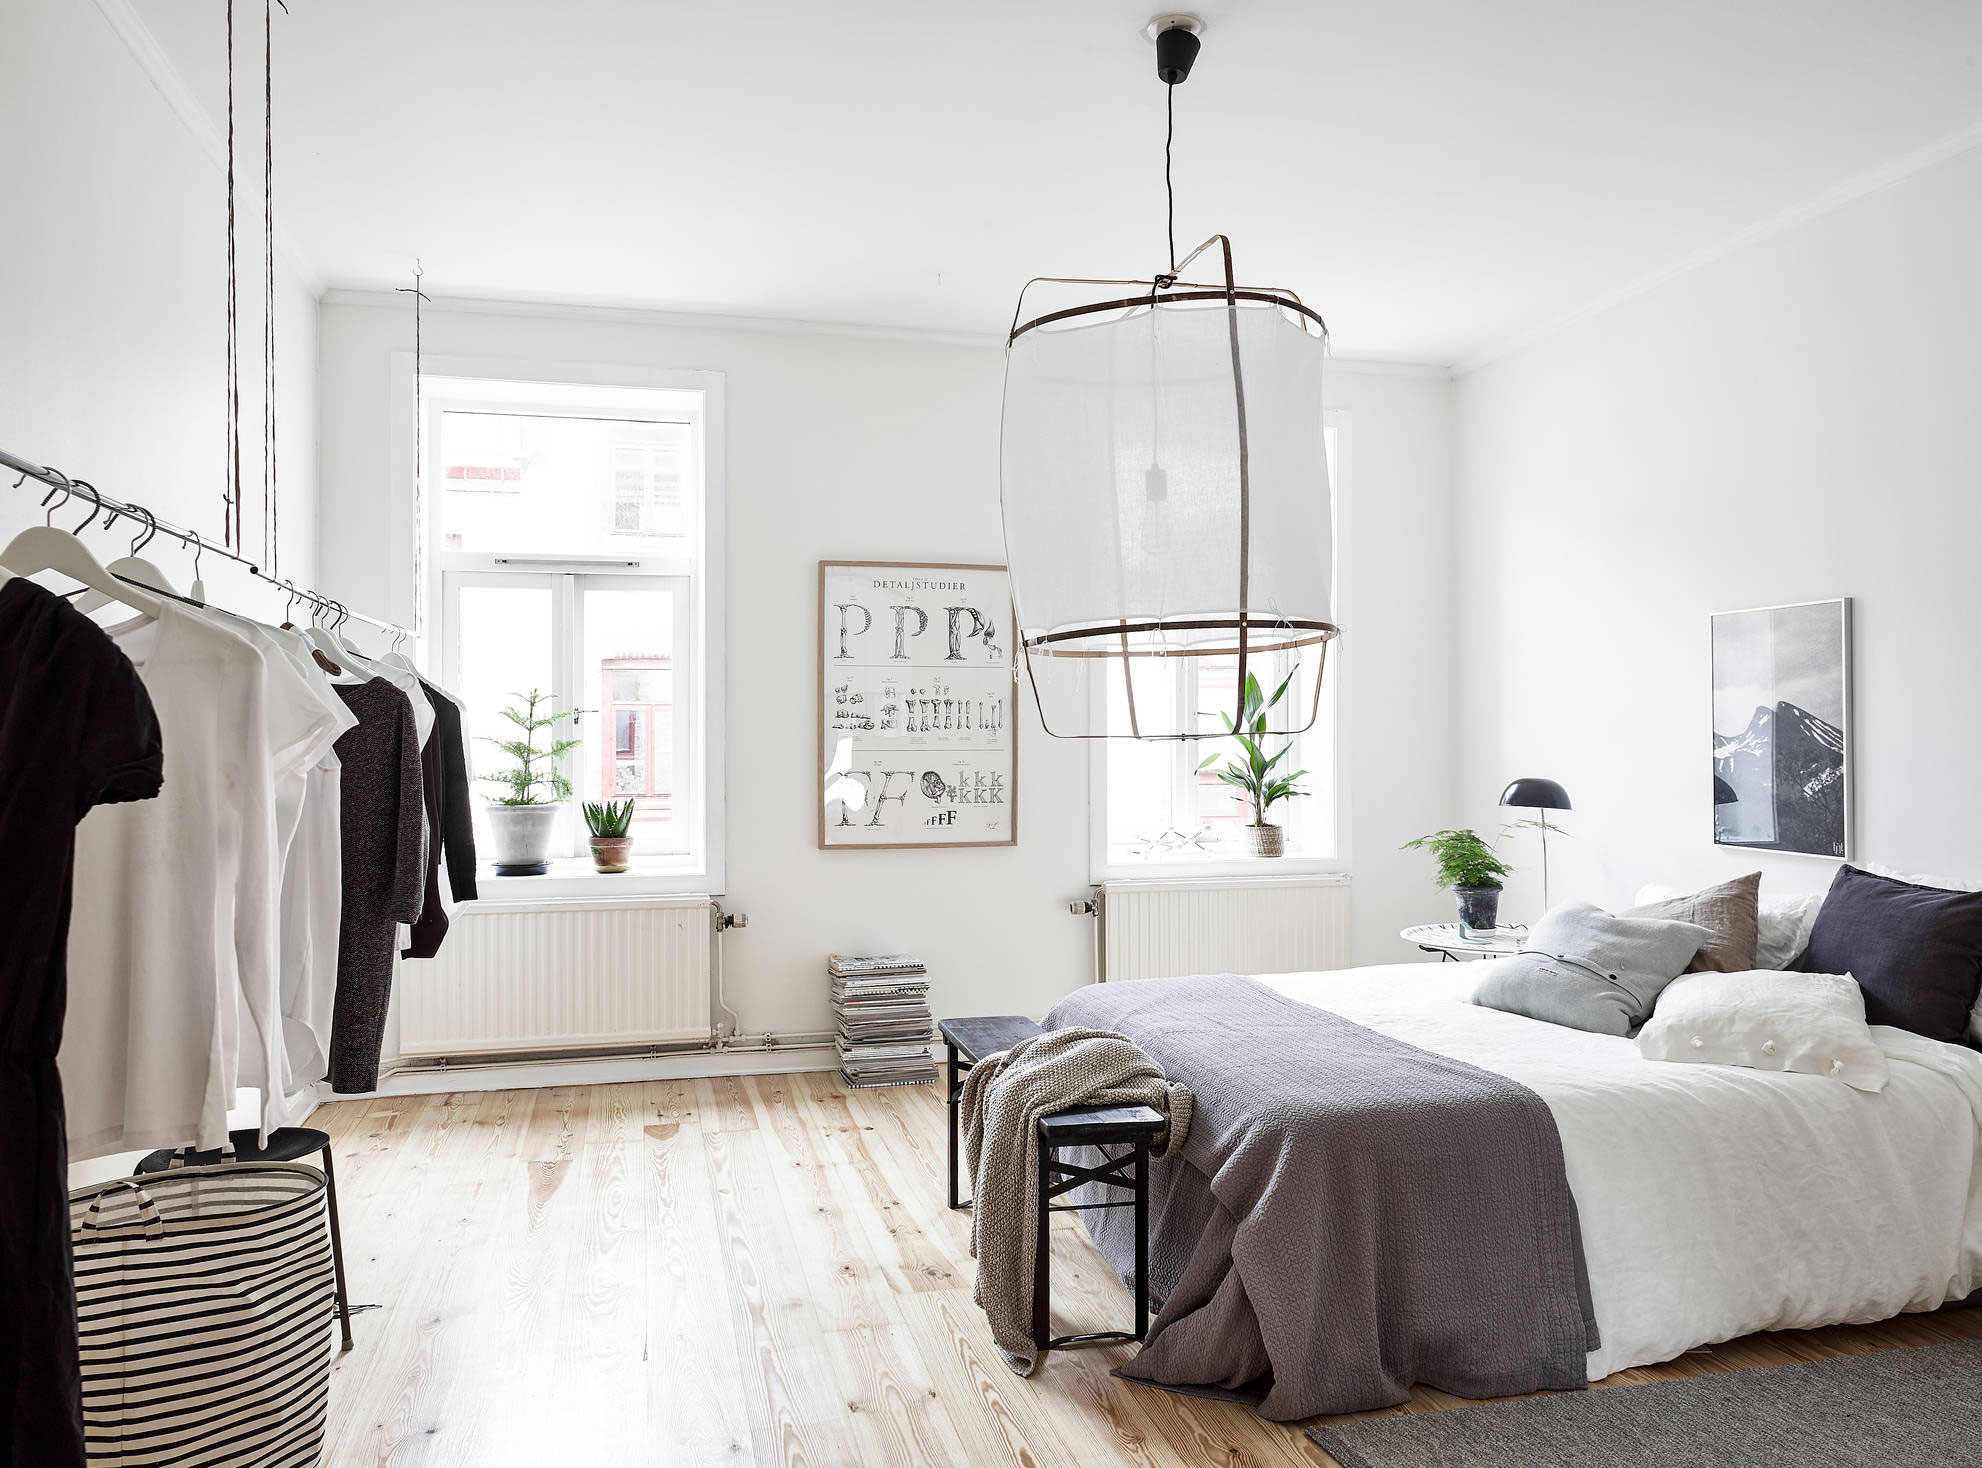 dormitorio de estilo nordico VIII